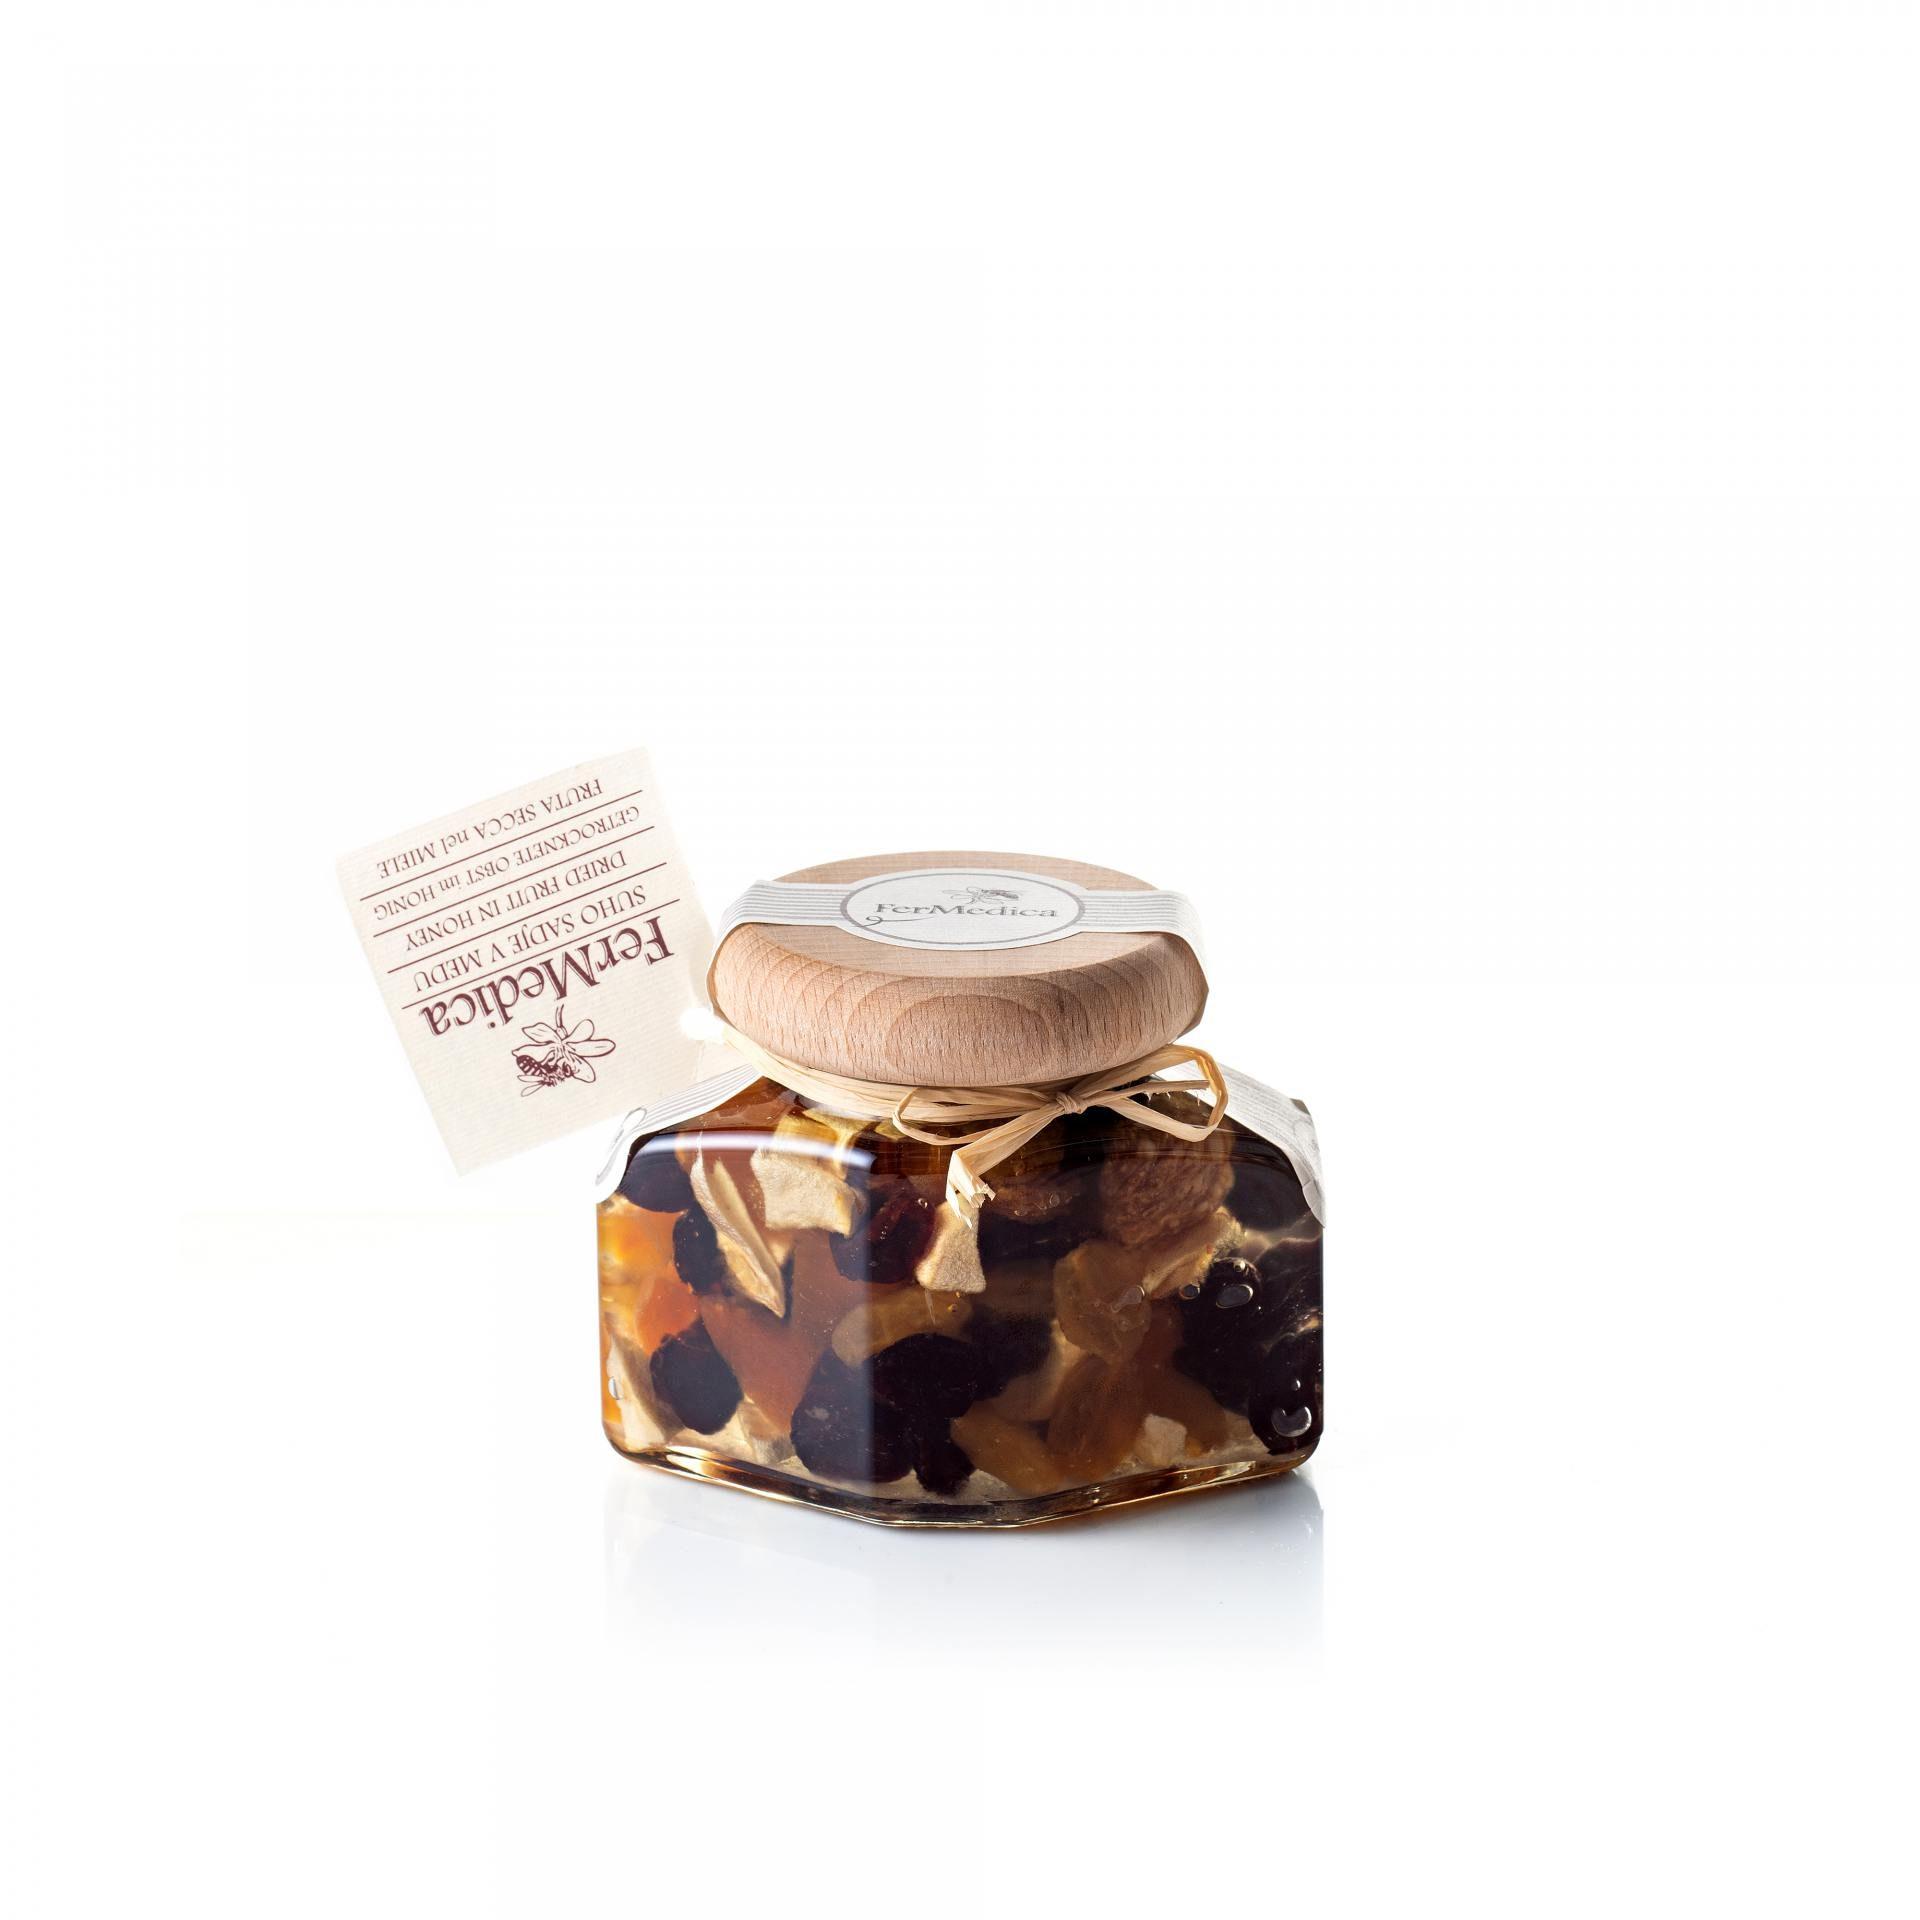 Med in žganje, med z dodatki, darilni seti v lični embalaži fermedica 81